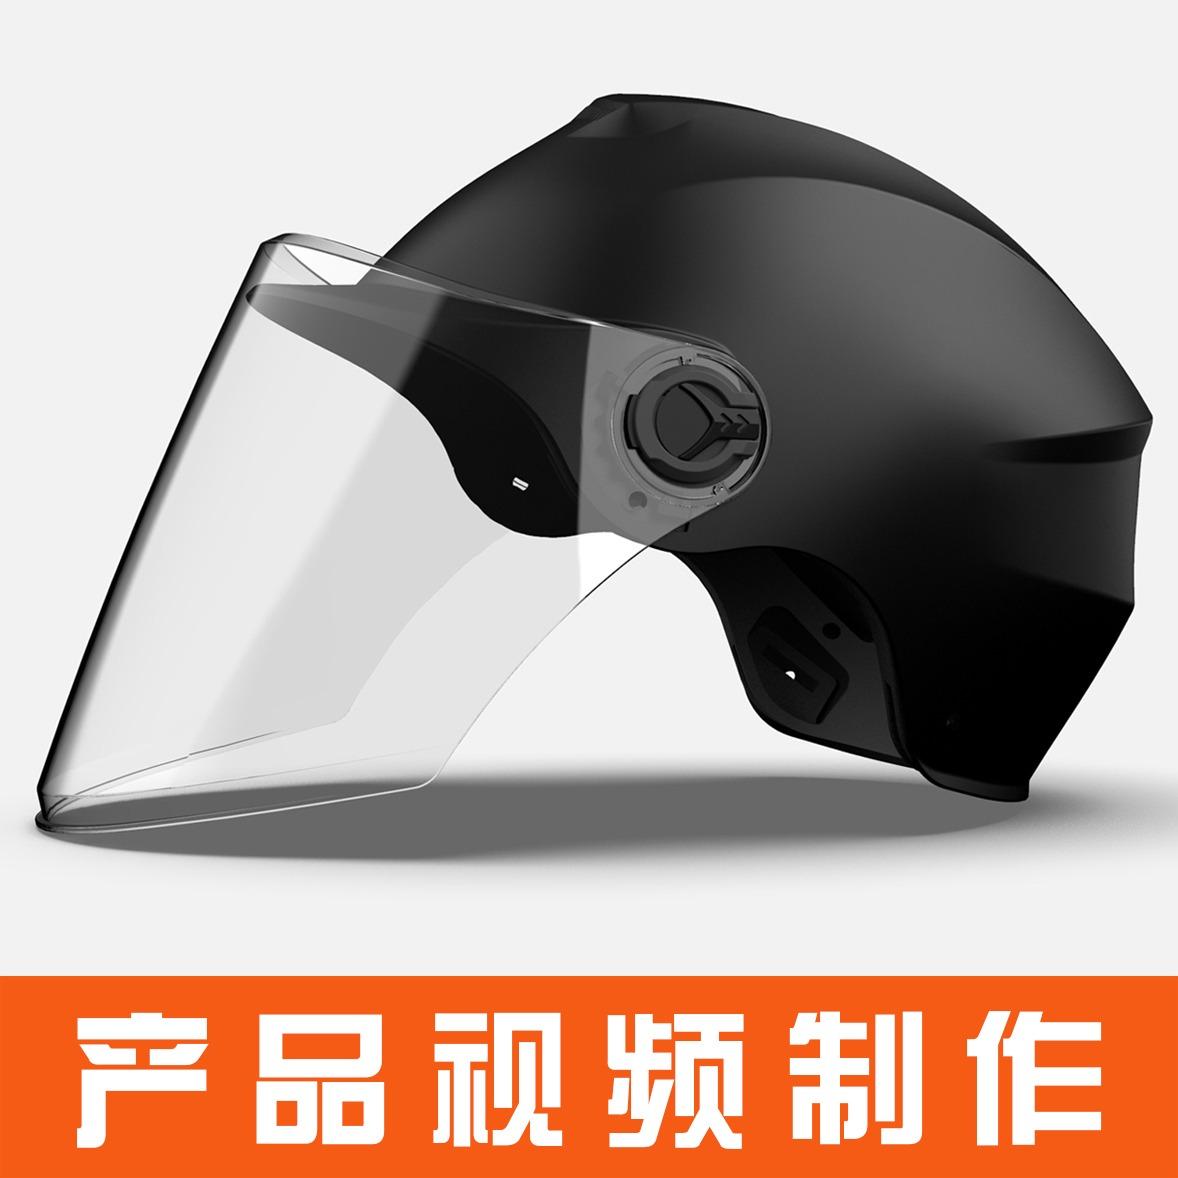 3D视频制作/产品推广视频/产品功能介绍视频